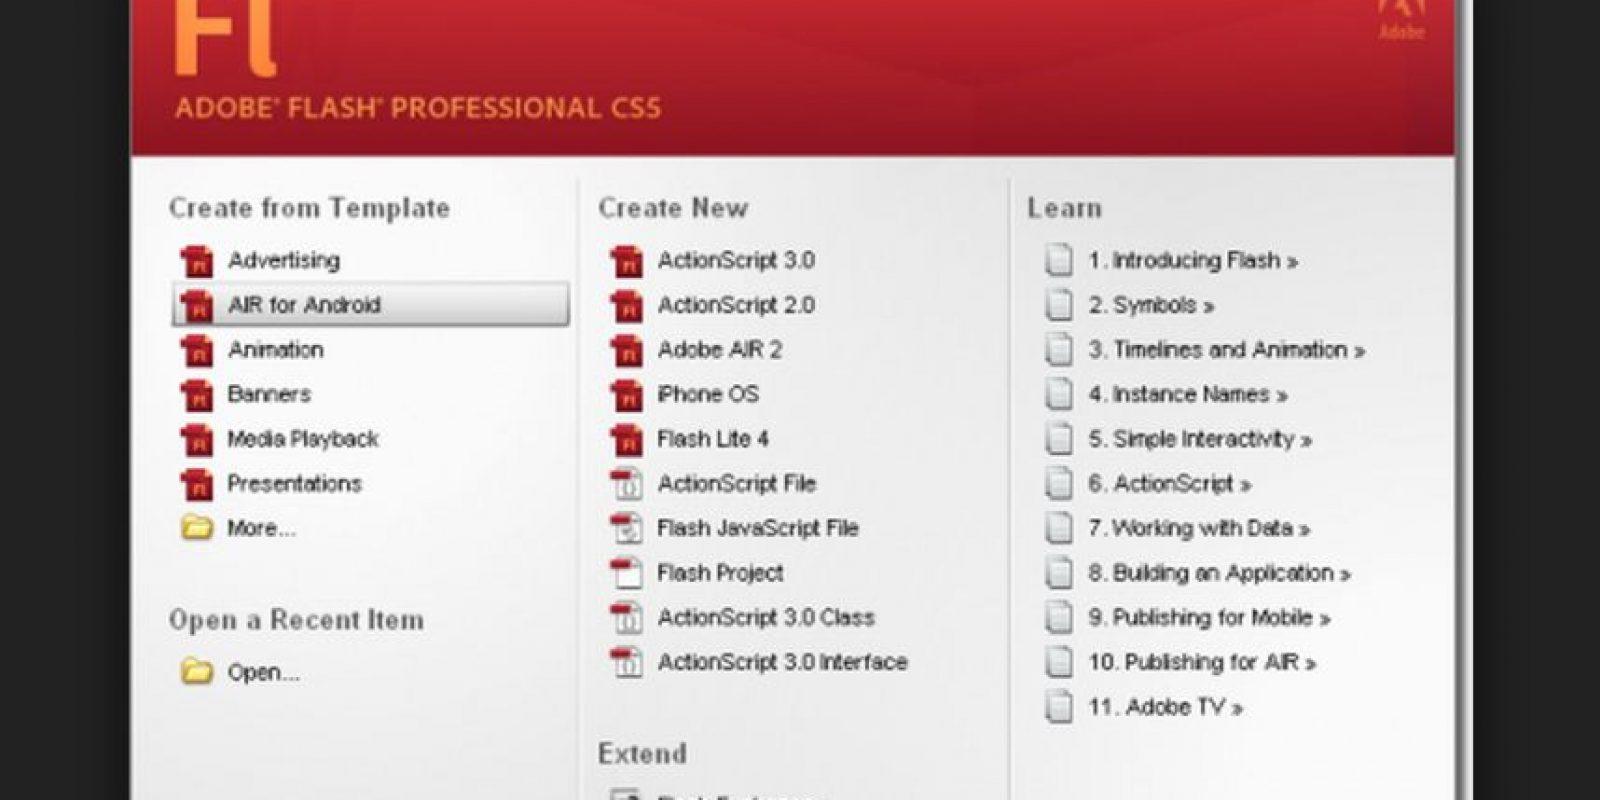 Adobe dijo que espera tener actualizaciones disponibles el 8 de julio Foto:Adobe